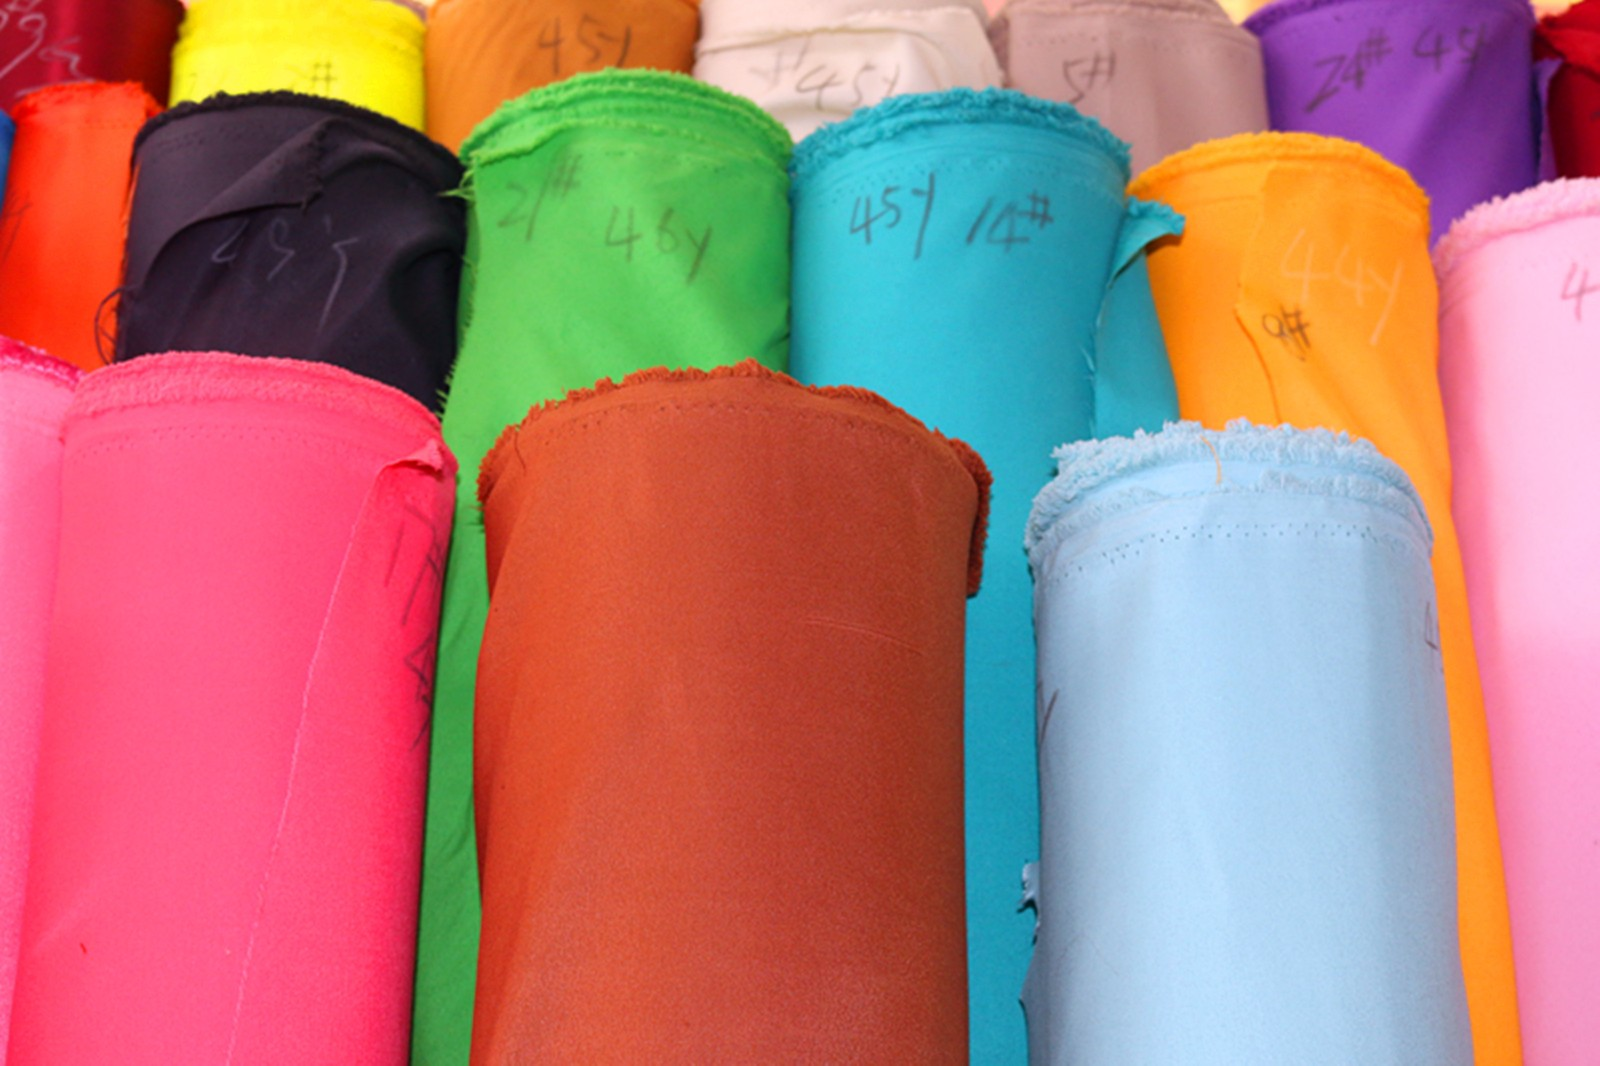 新款涤纶斜纹桃皮绒 儿童抱枕口袋面料 环保染色图片十